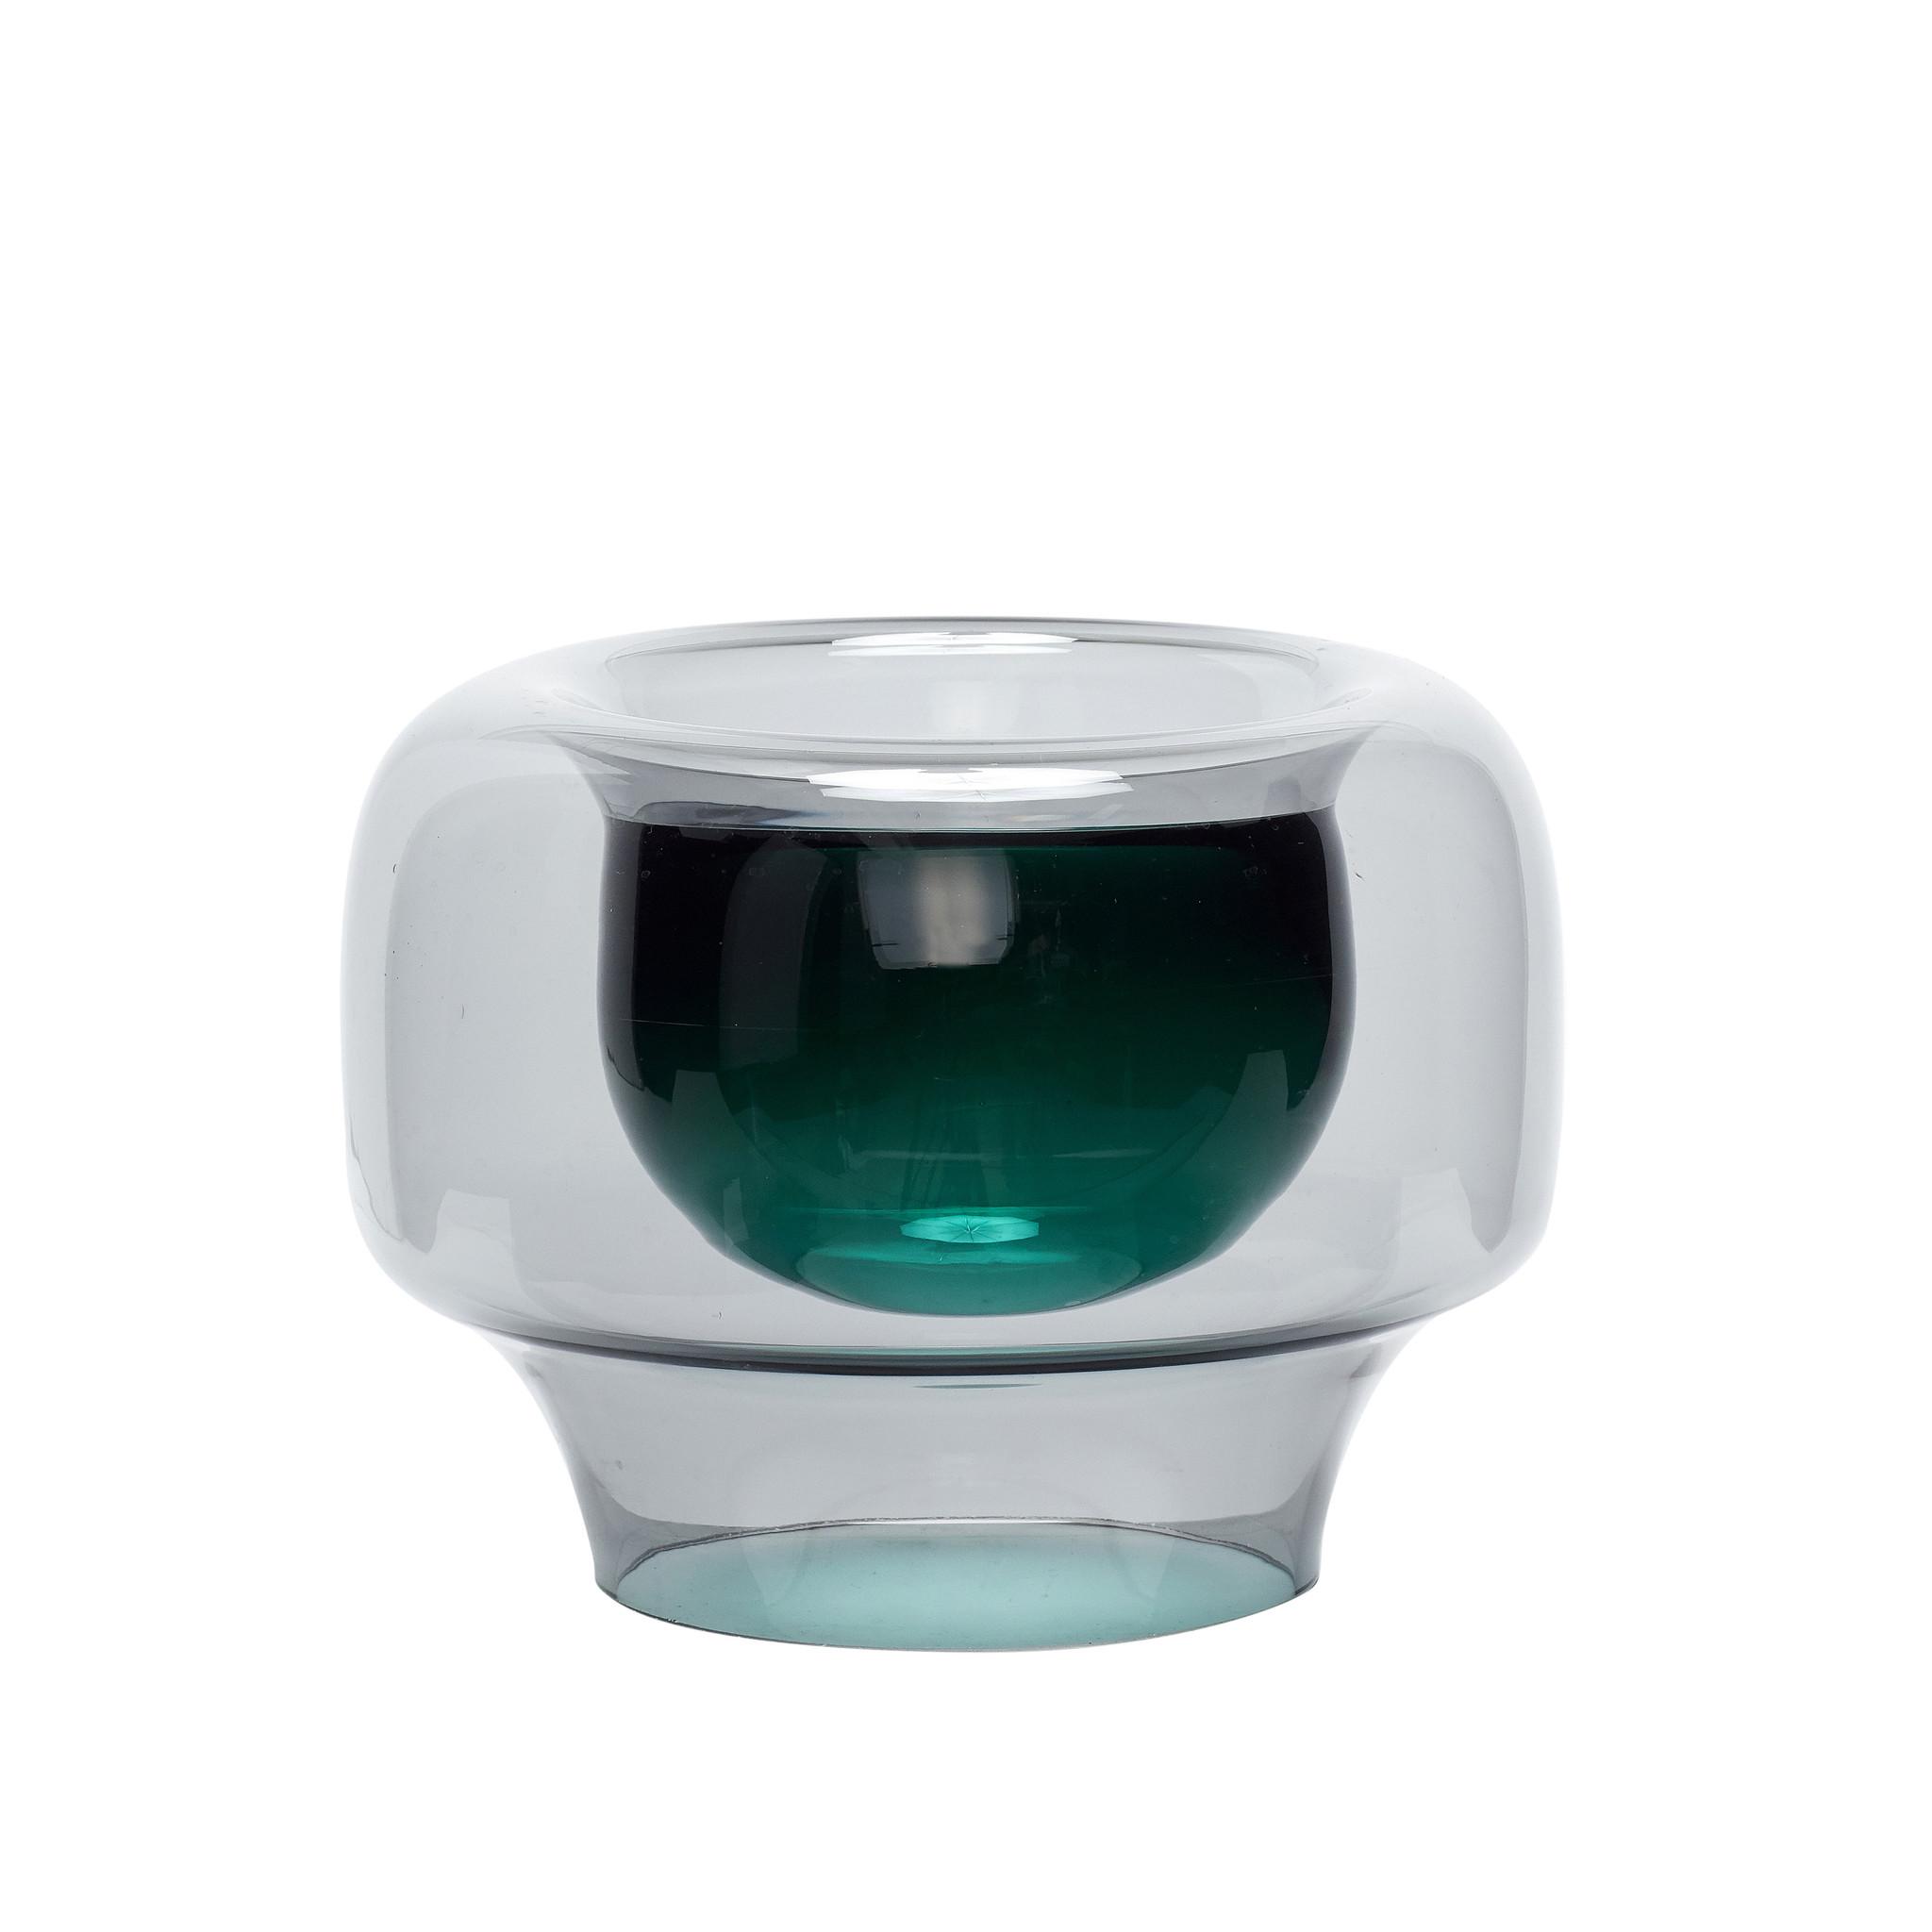 Hubsch Vaas, glas, gerookt / groen-950506-5712772060766